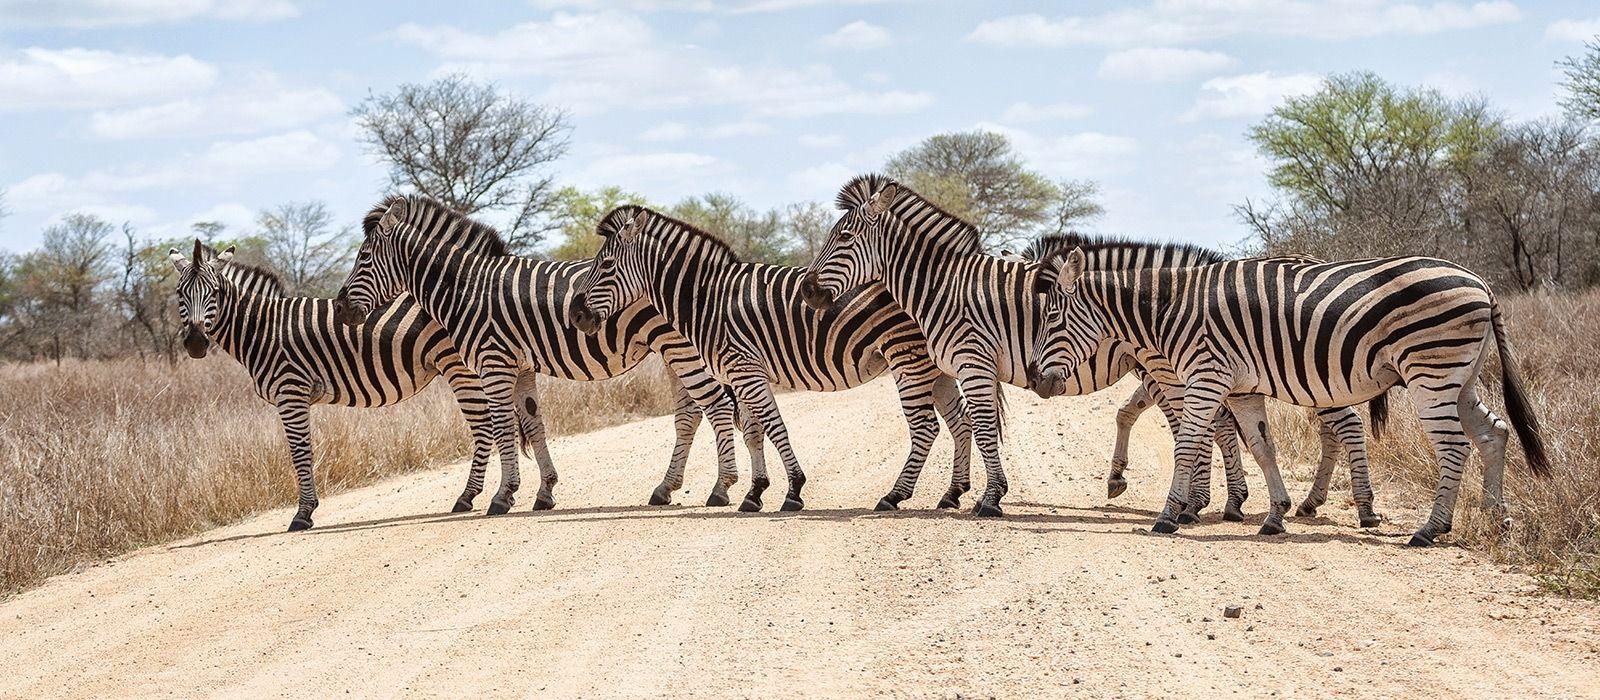 Reise durch Südafrika: Krüger, Garden Route und Kapstadt Urlaub 2